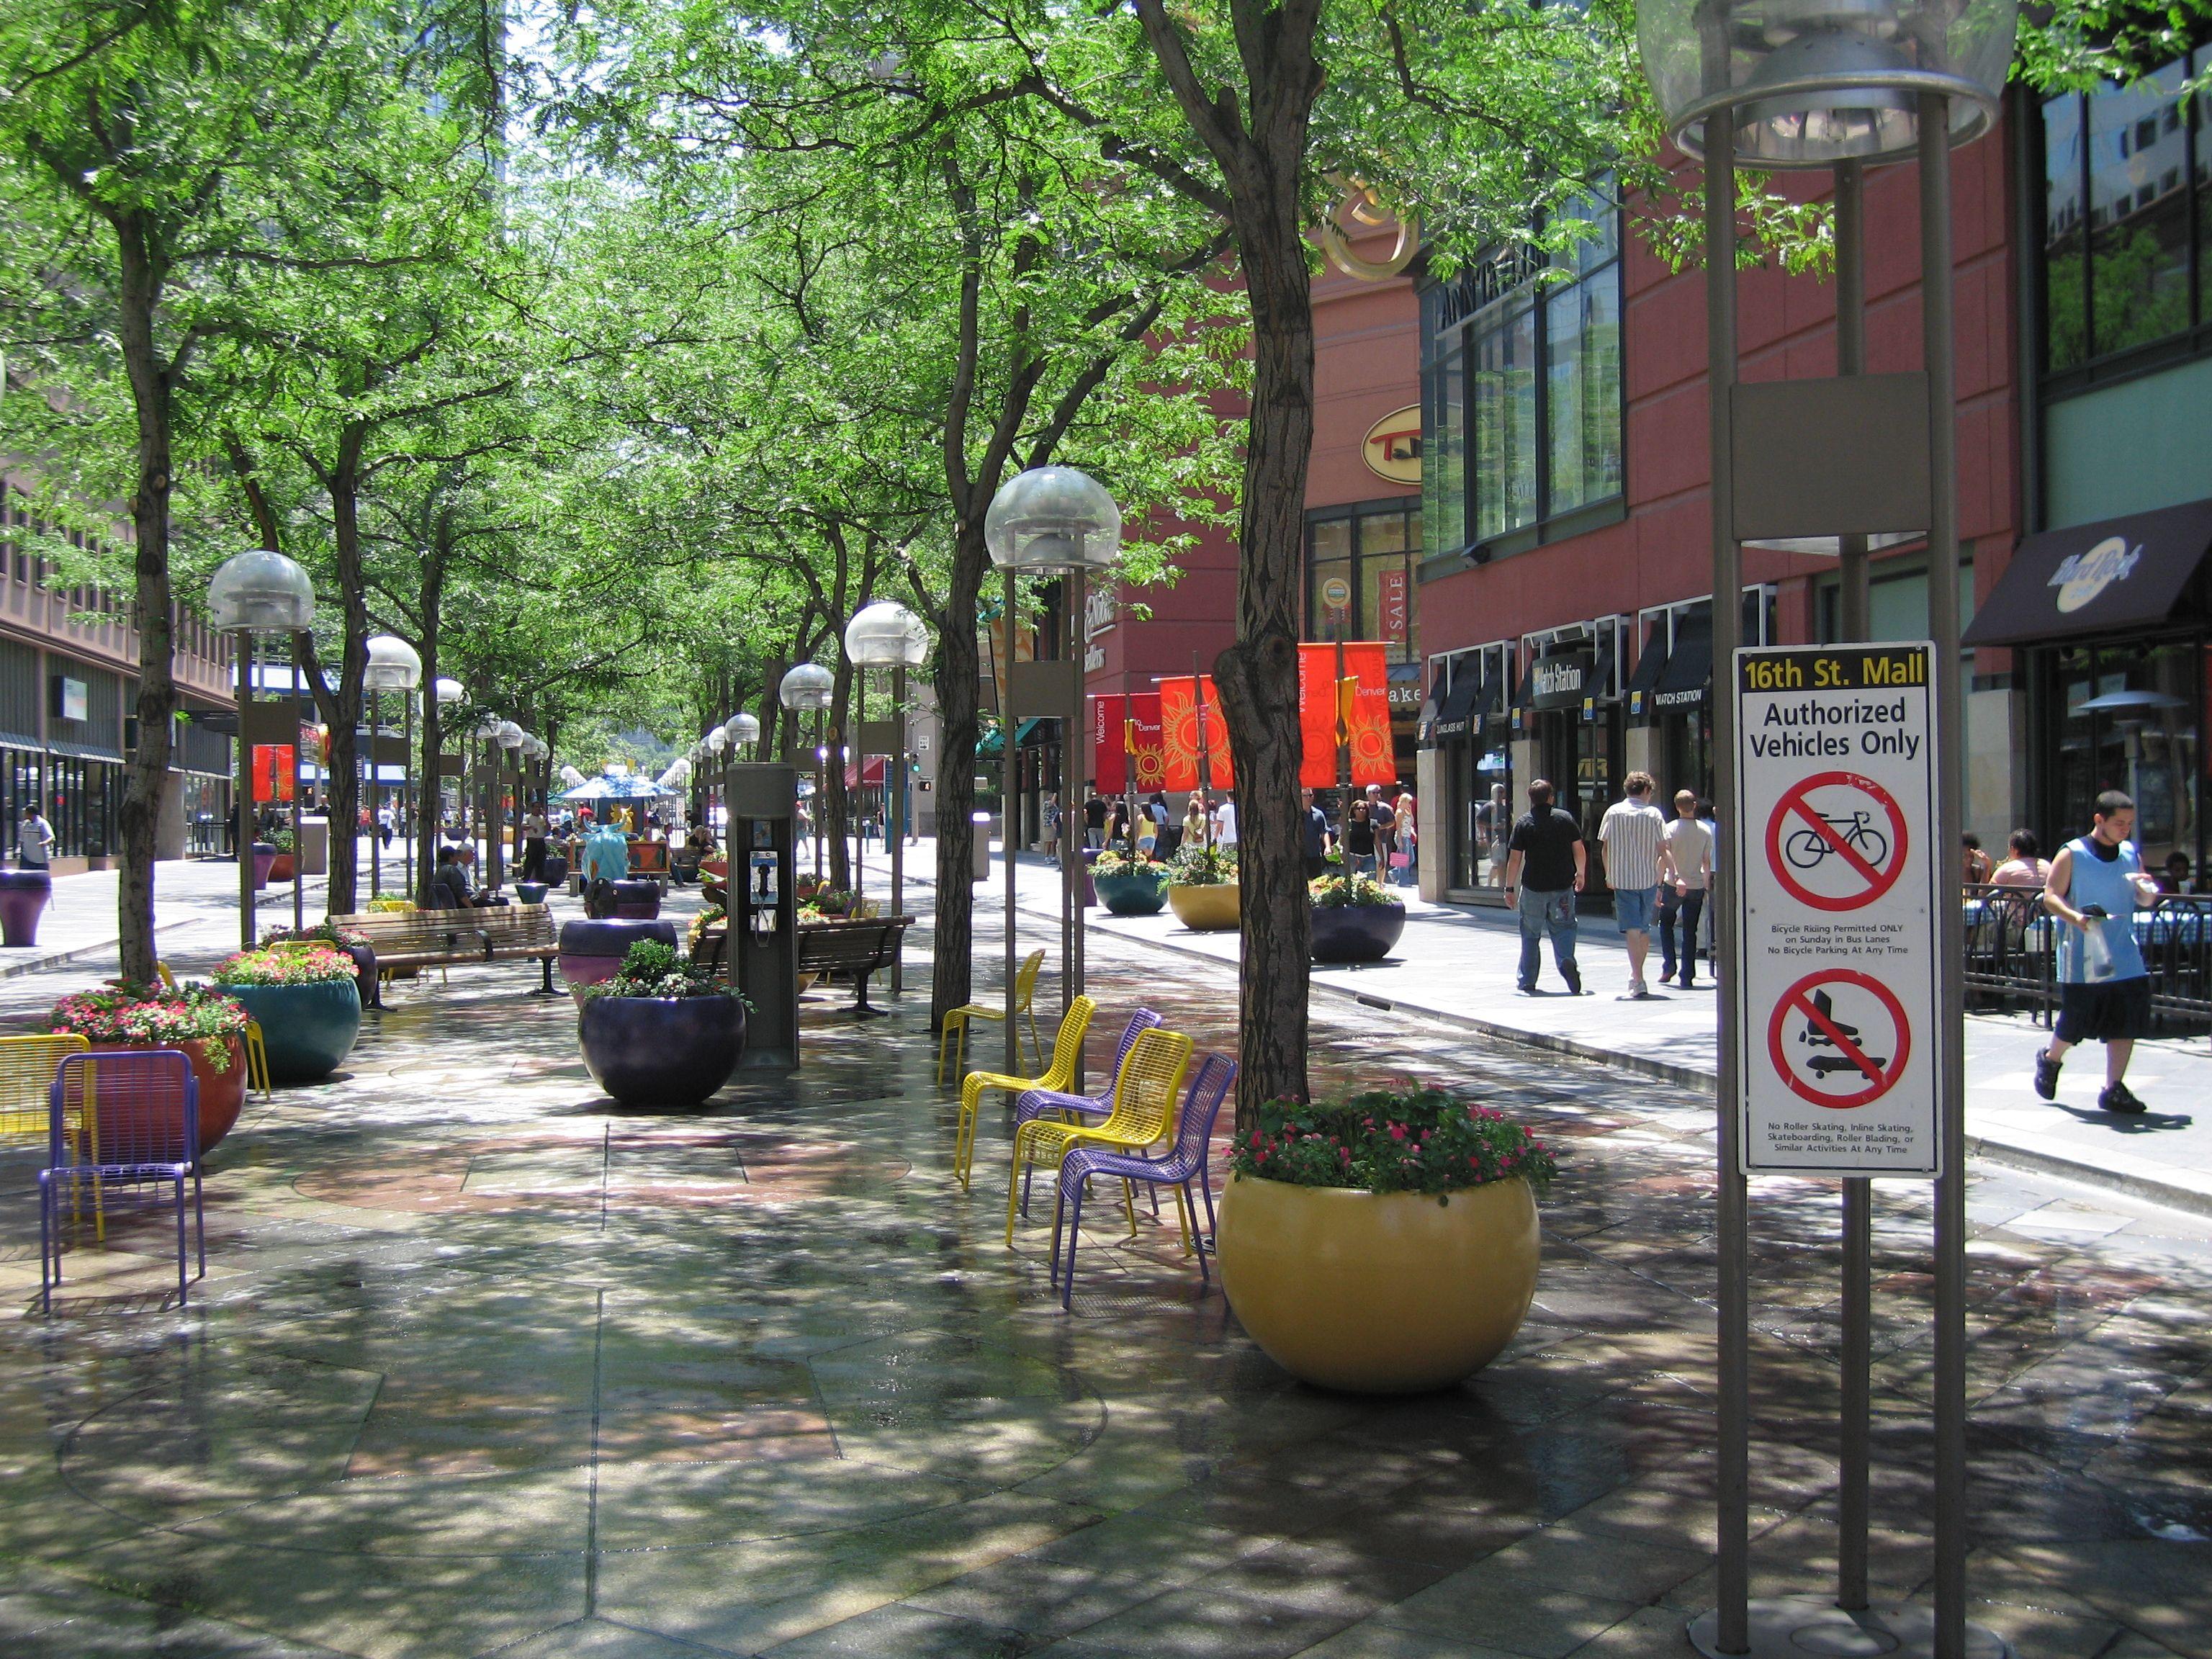 Image Result For Denver 16th Street Mall Landscape Design